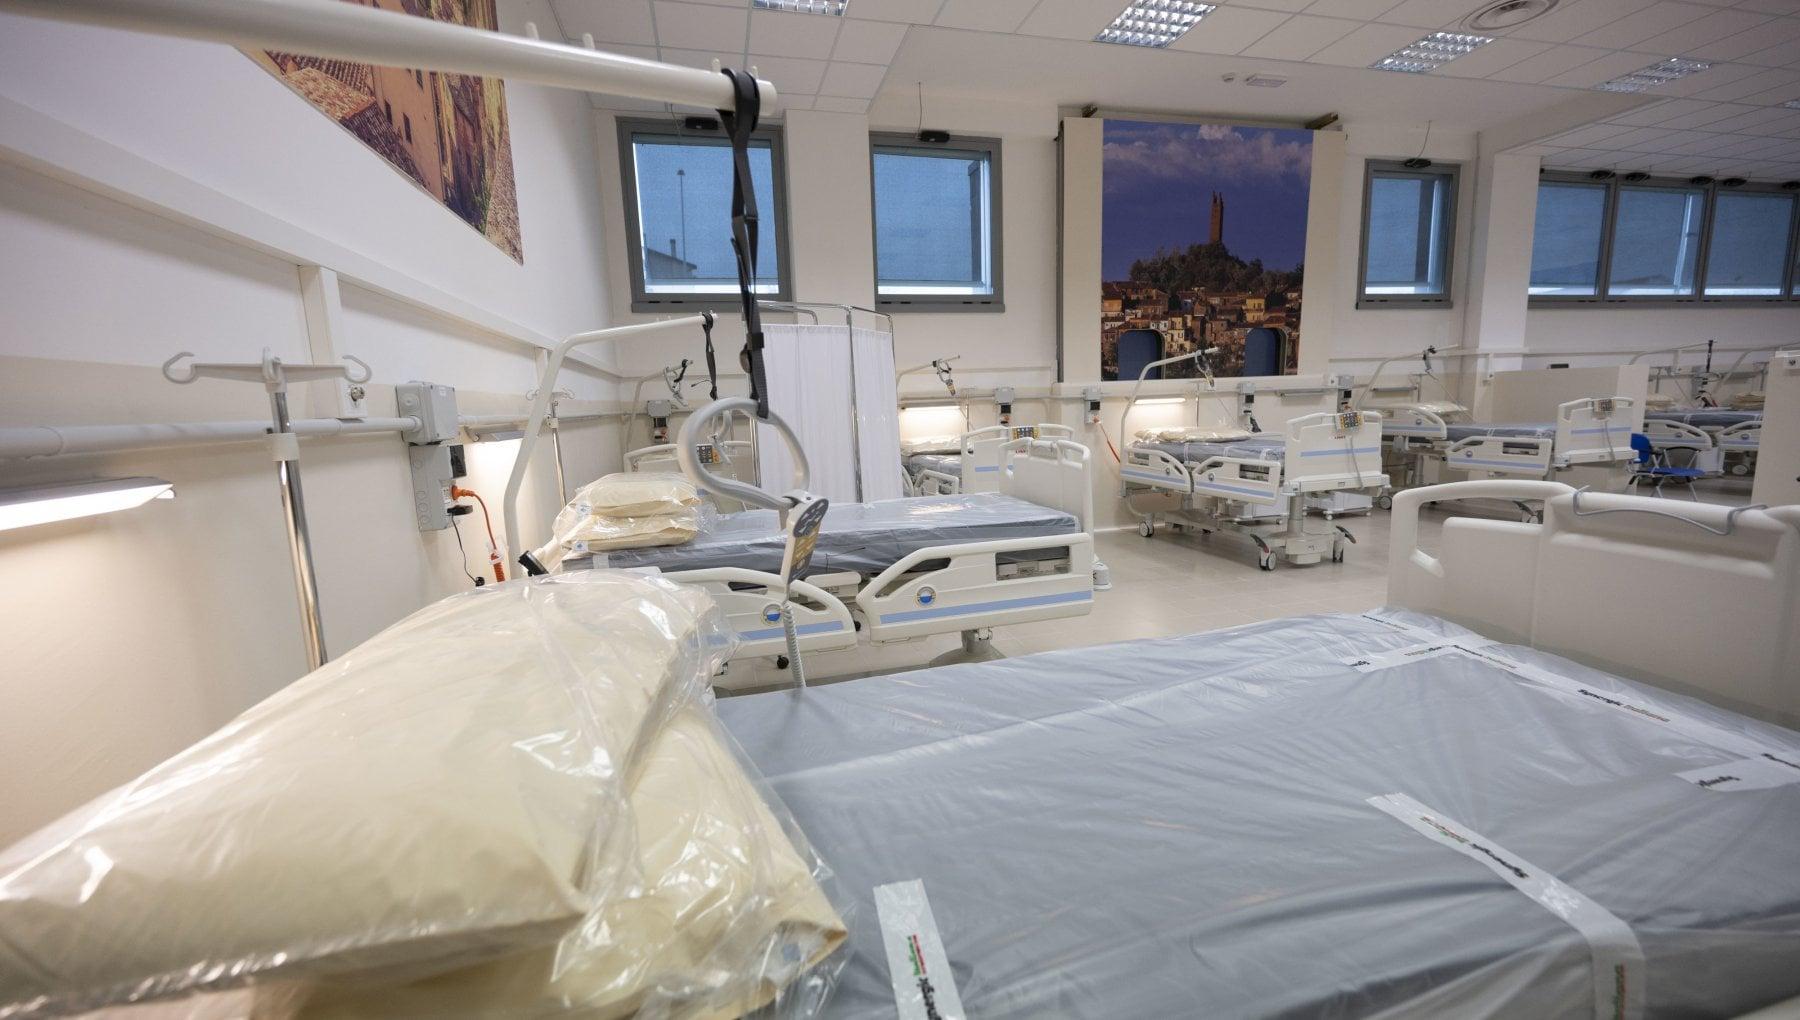 Italia e Regno Unito prime in Europa per mortalita da Covid. A rischio 11 milioni di pazienti fragili A loro subito il vaccino